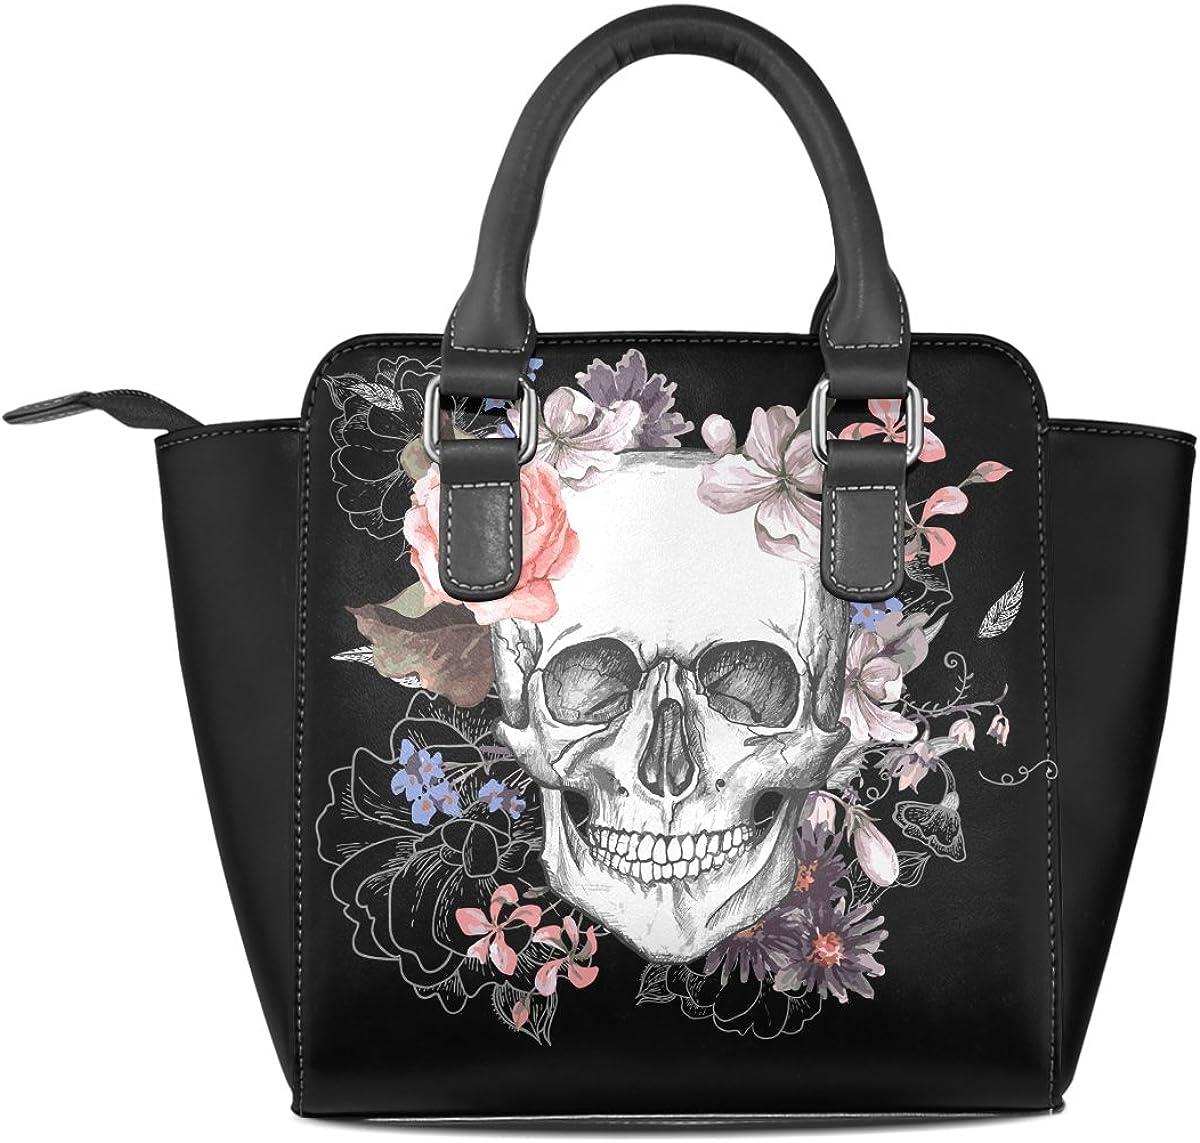 Use4 Womens Sugar Skull Pink Flower Black Rivet PU Leather Tote Bag Shoulder Bag Purse